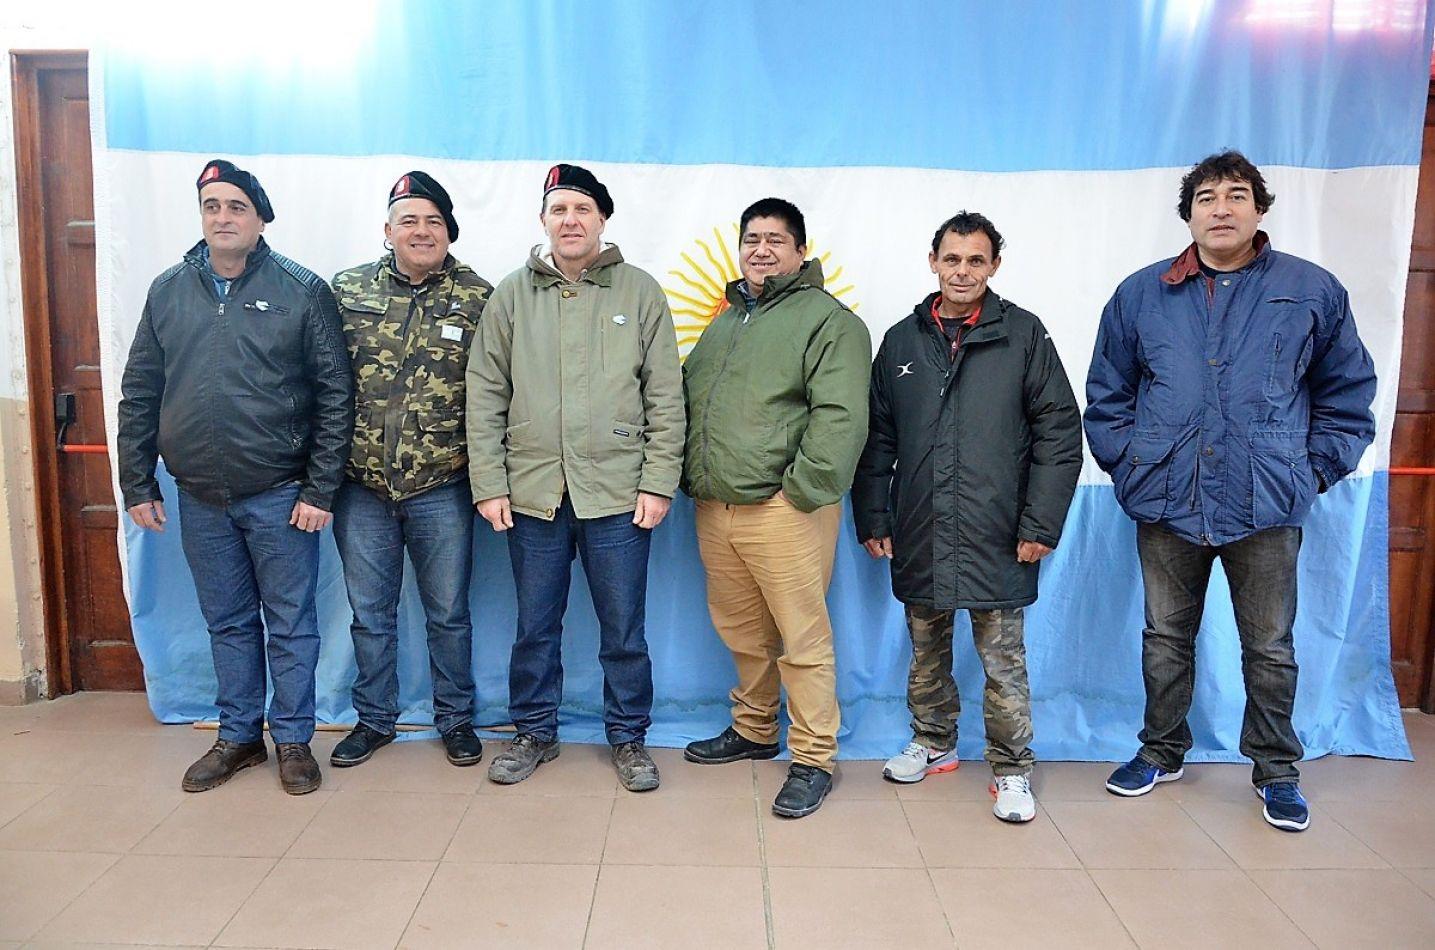 Gustavo Romero, Walter Albornoz y Carlos Baldracco de Santa Fe, posaron para El Sureño junto a Mario Reynoso, Ricardo Fabricio y Sergio Herlein de Bu